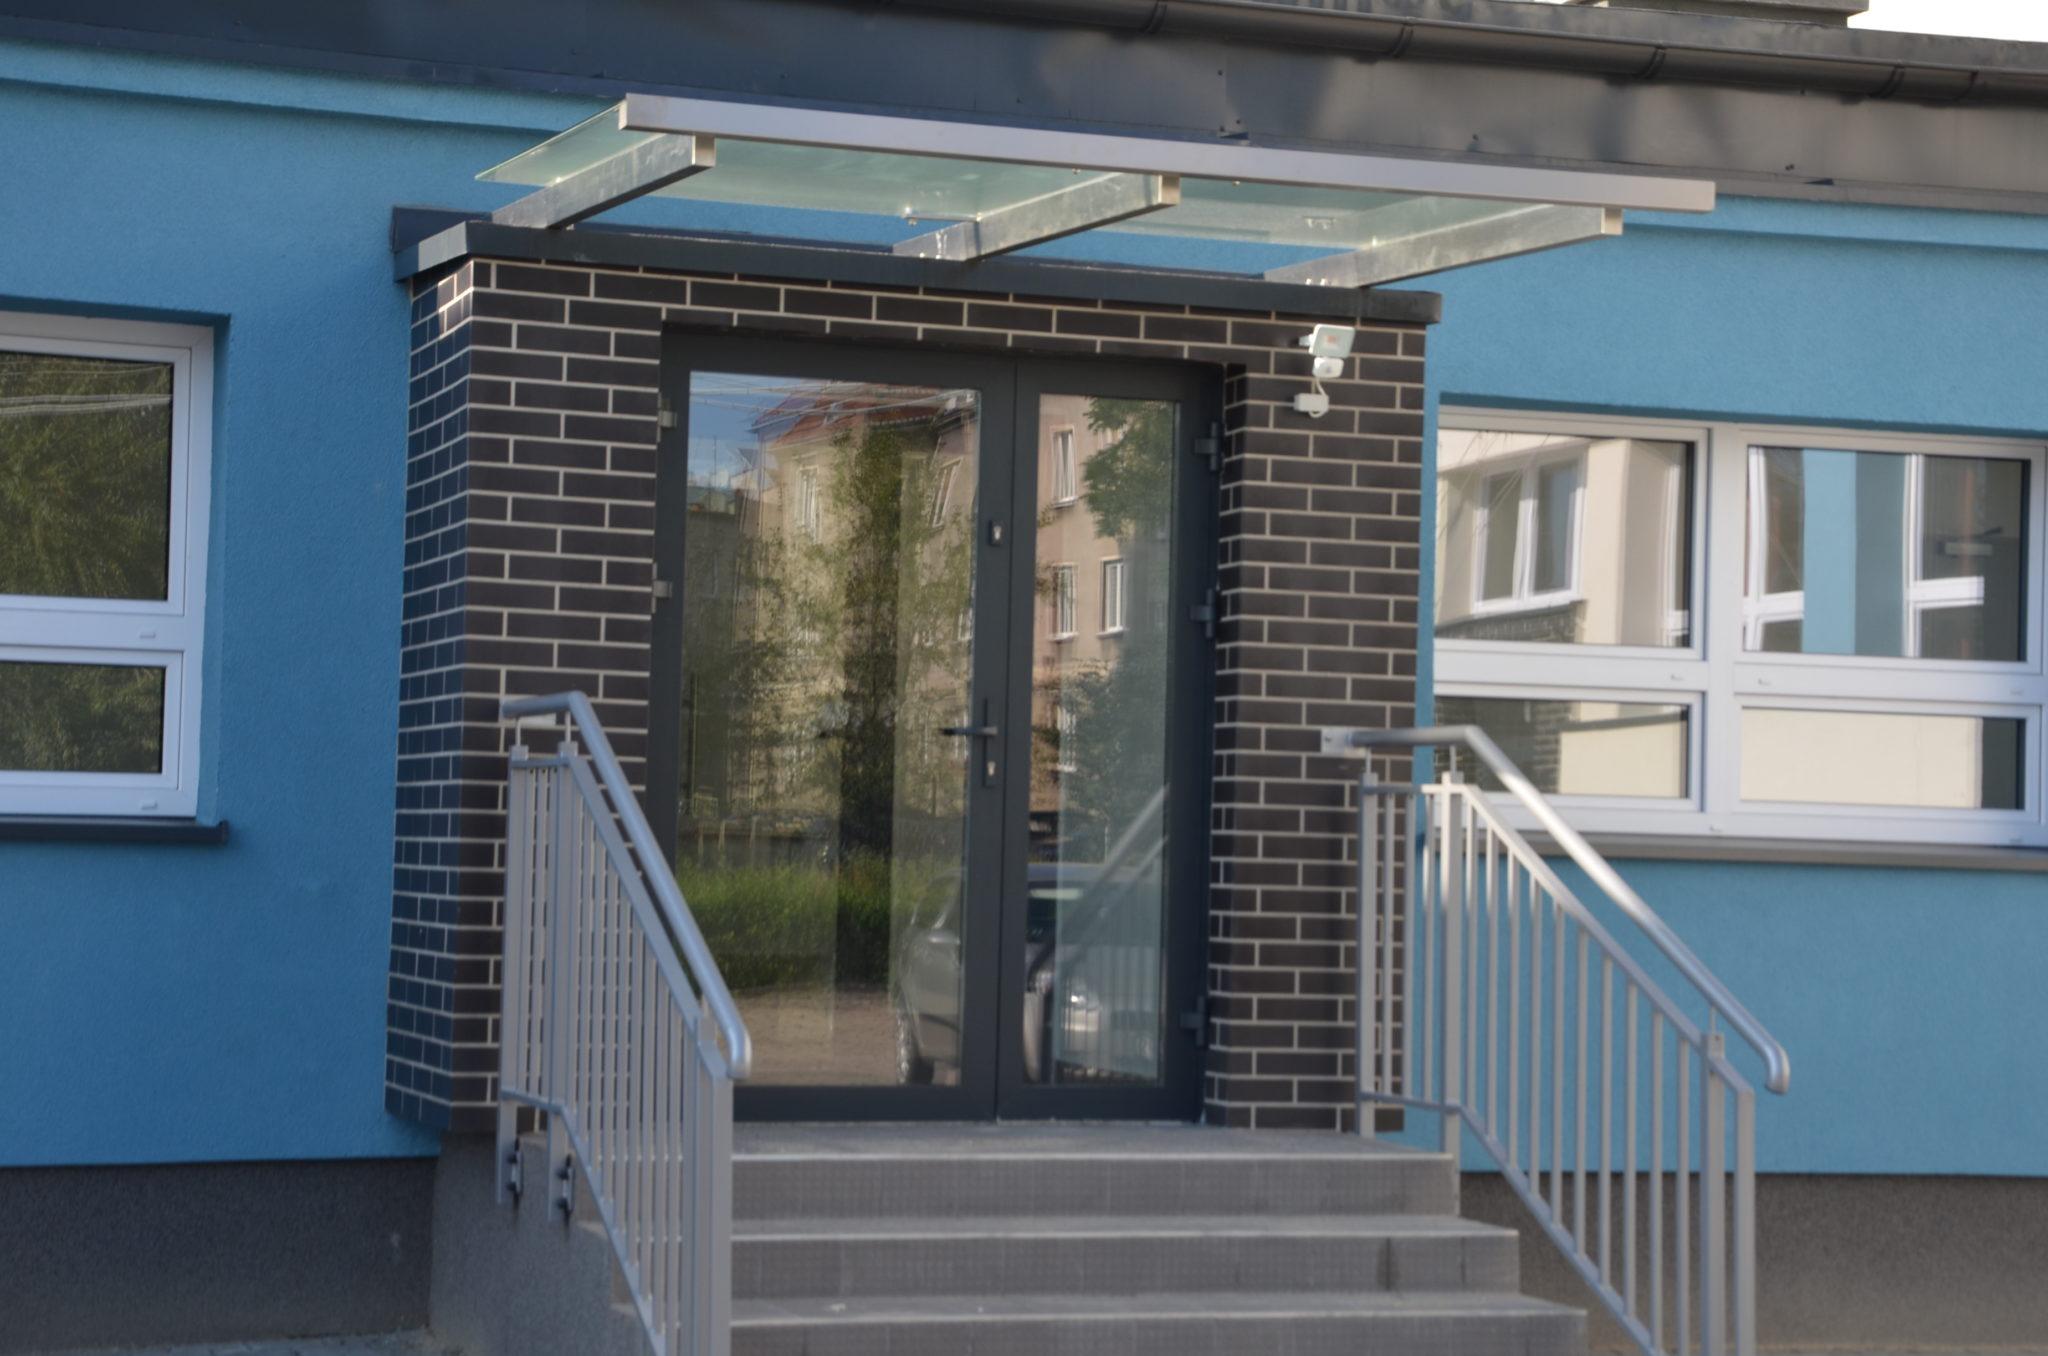 boczne wejście do szkoły